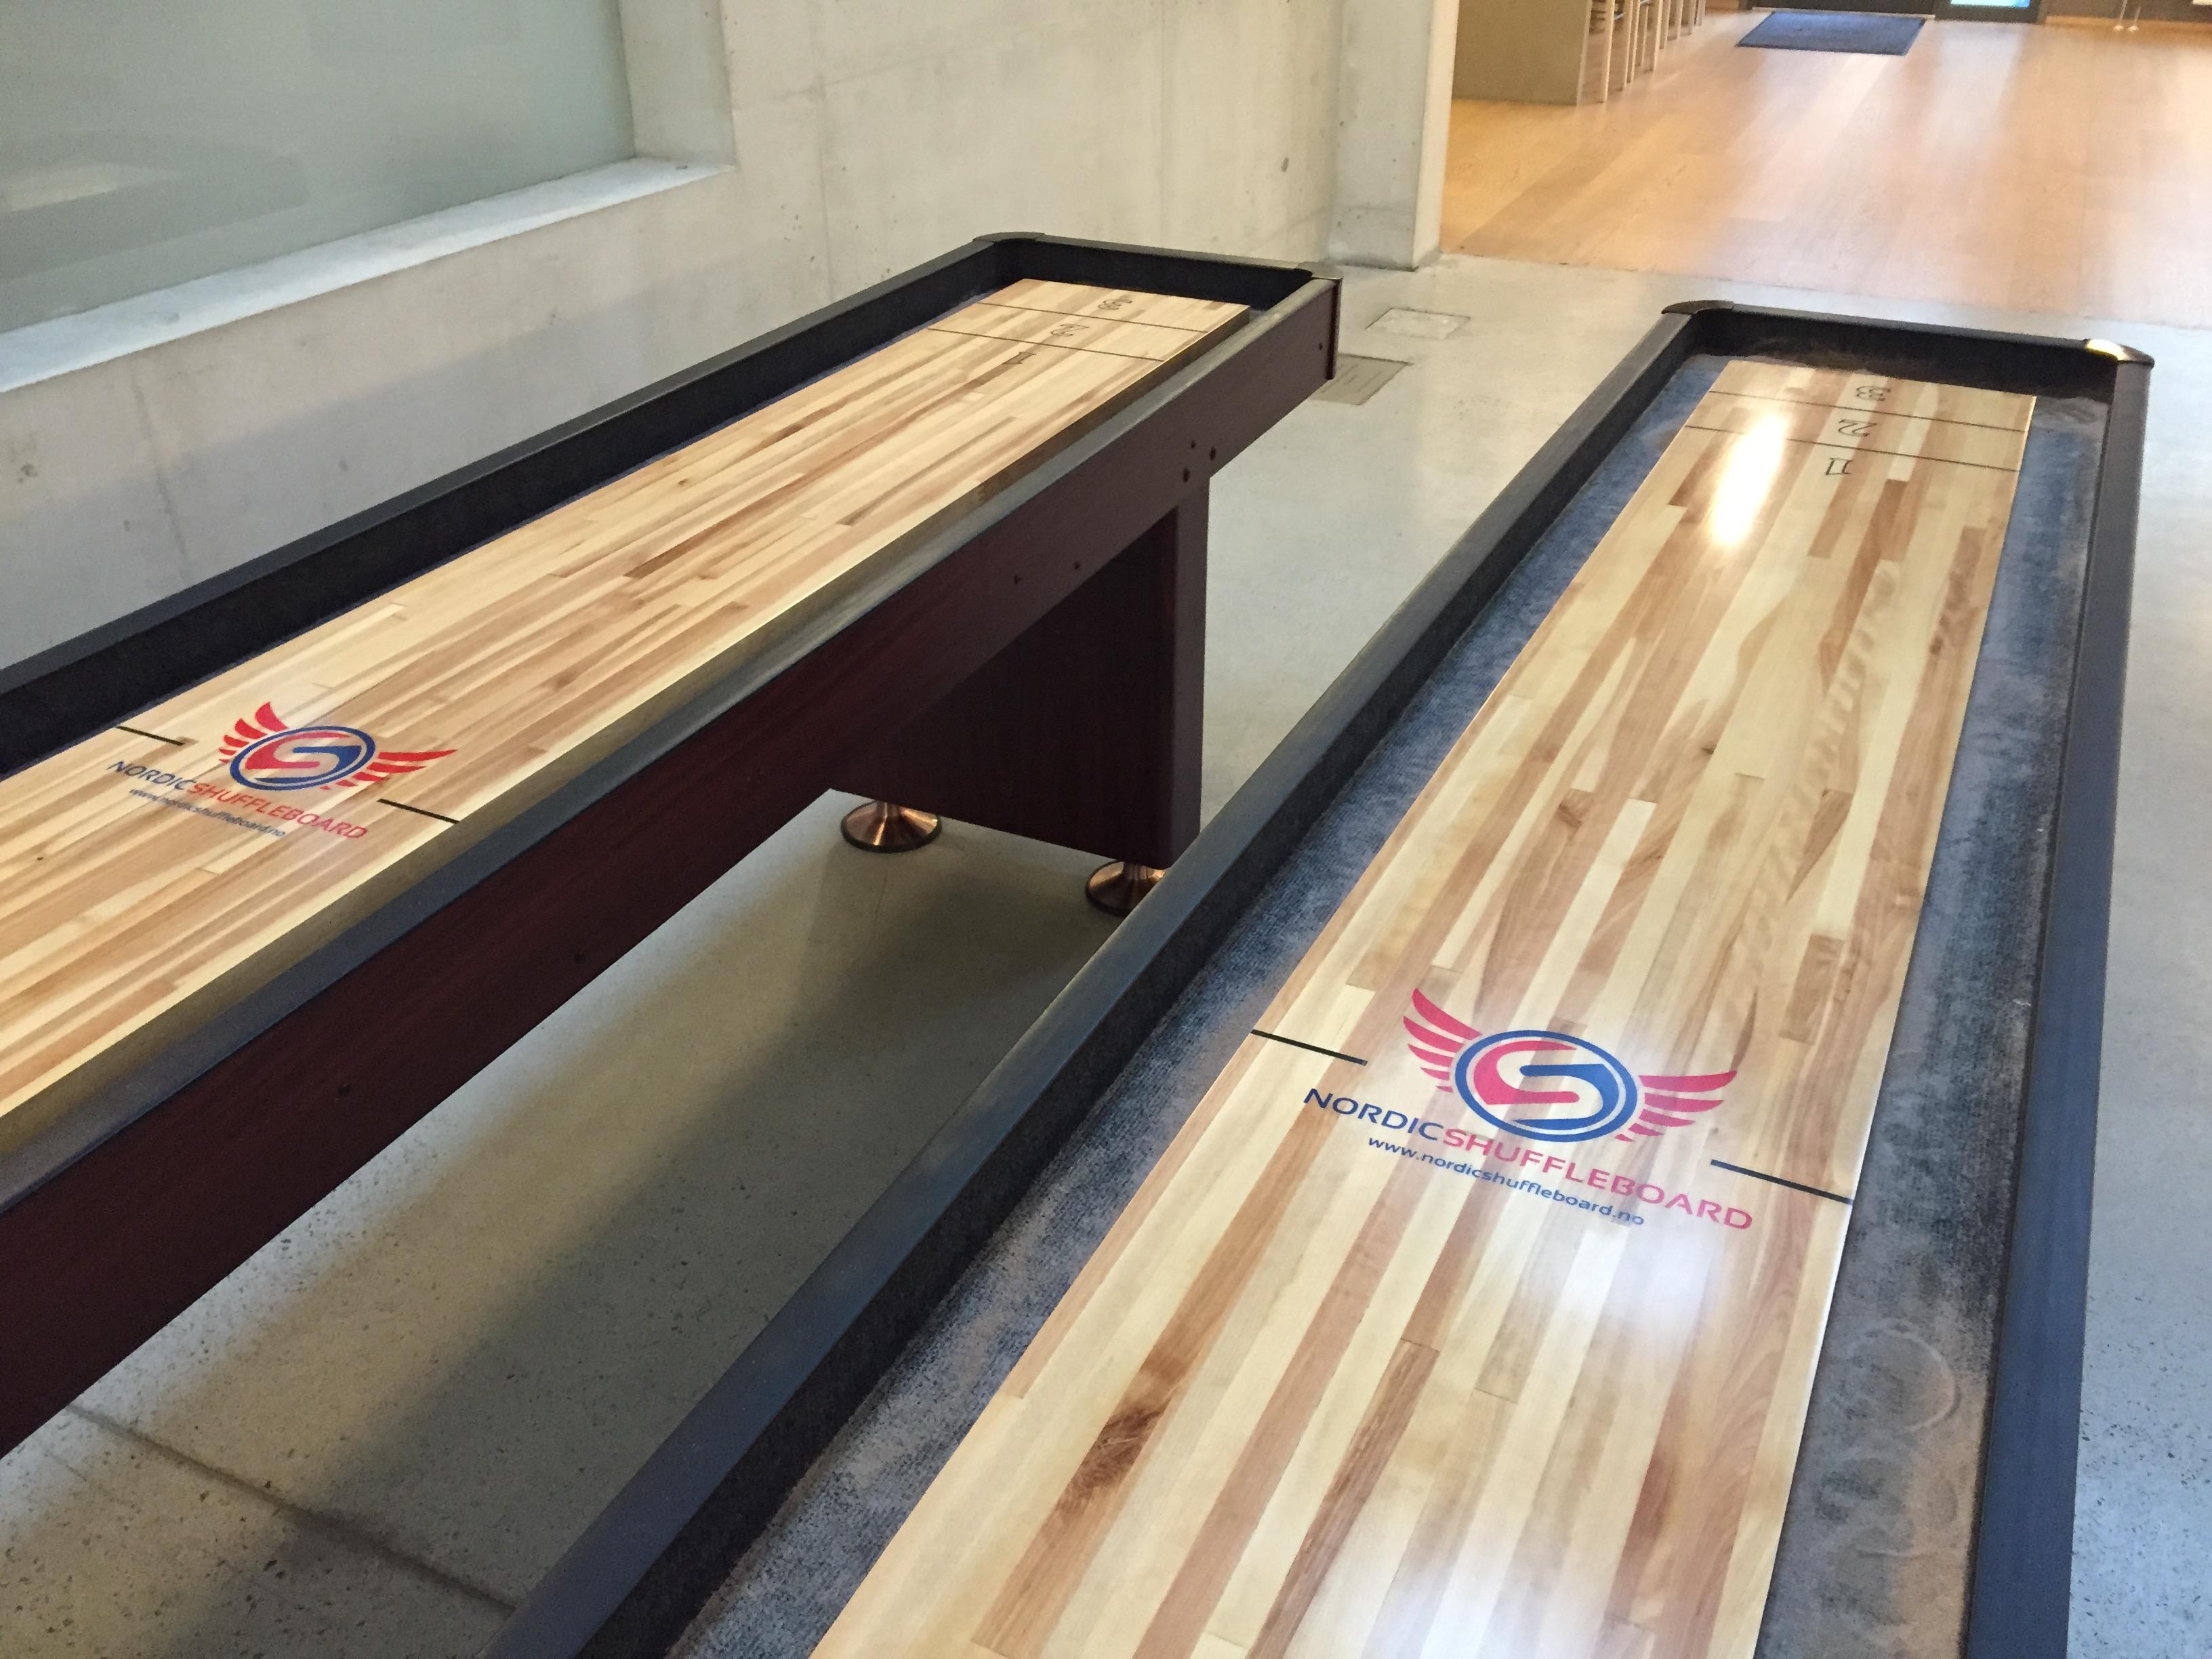 Shuffleboard 12 fot Standard for kort og langtidsutleie